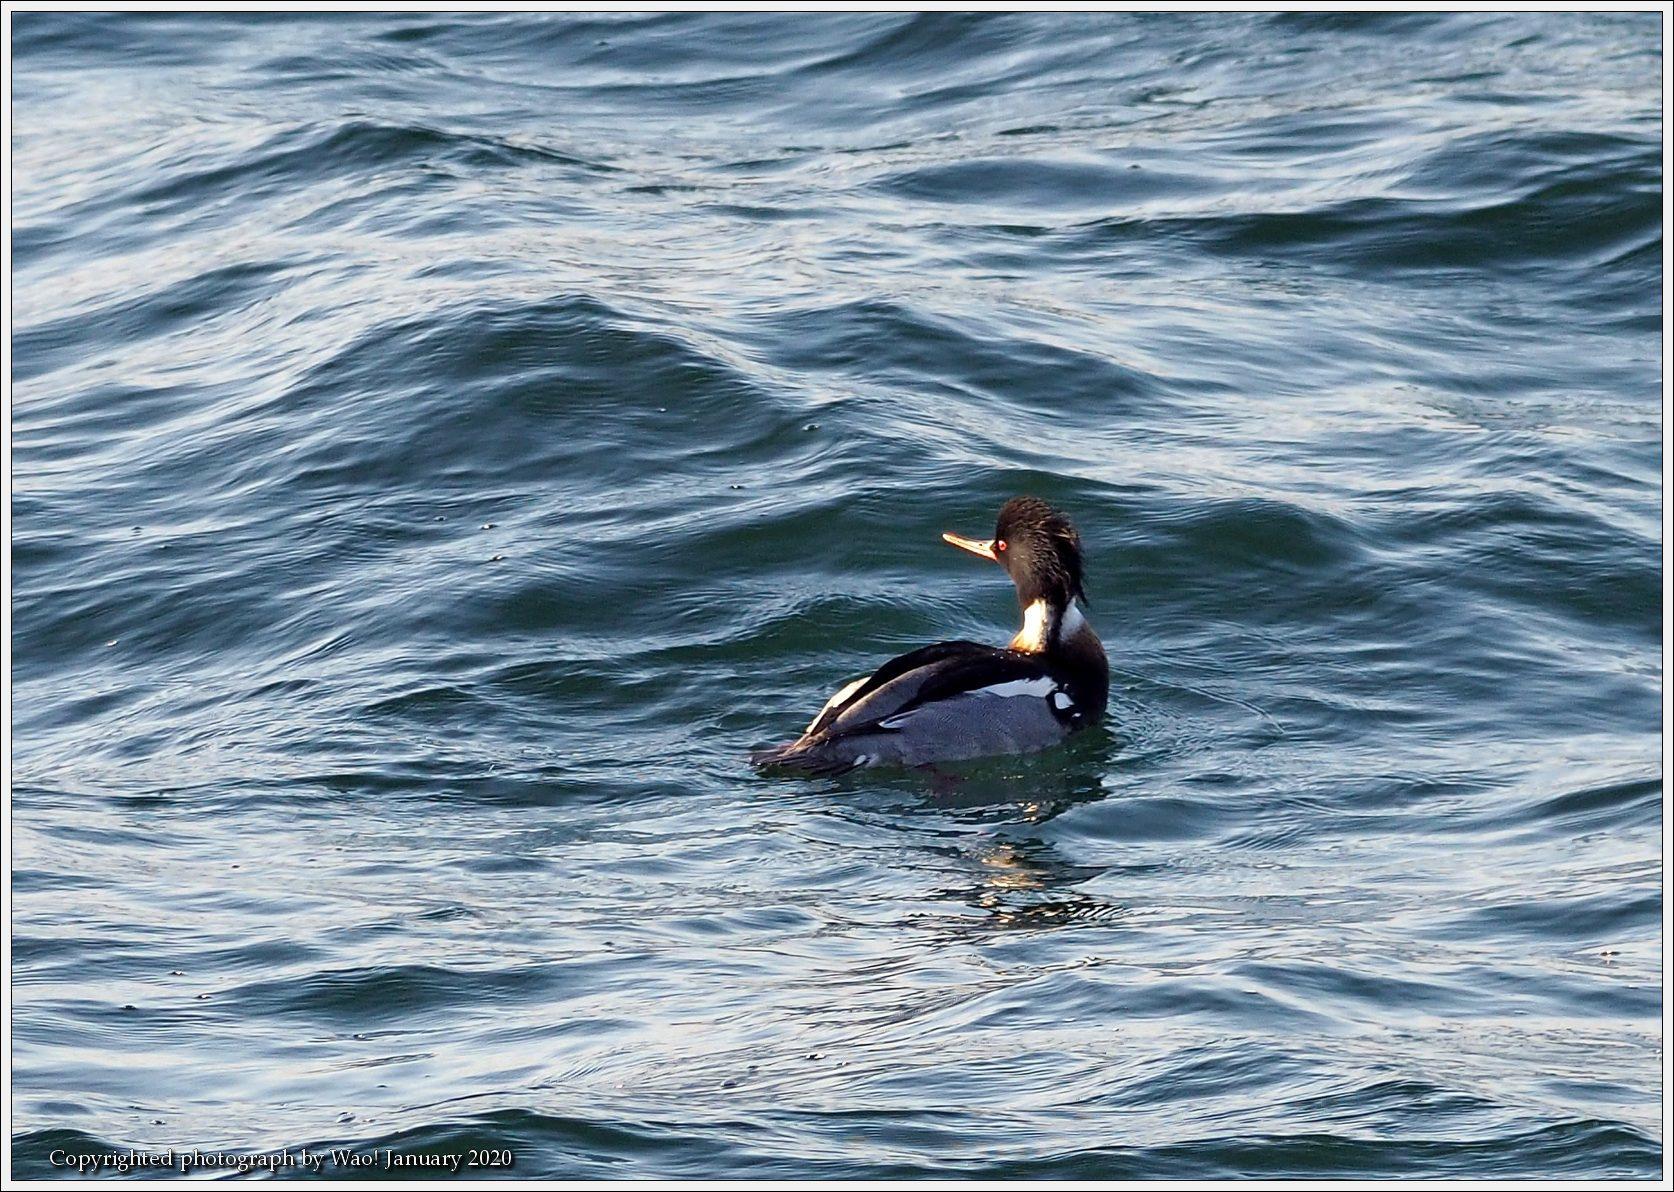 ウミアイサ 内湾で_c0198669_17430692.jpg